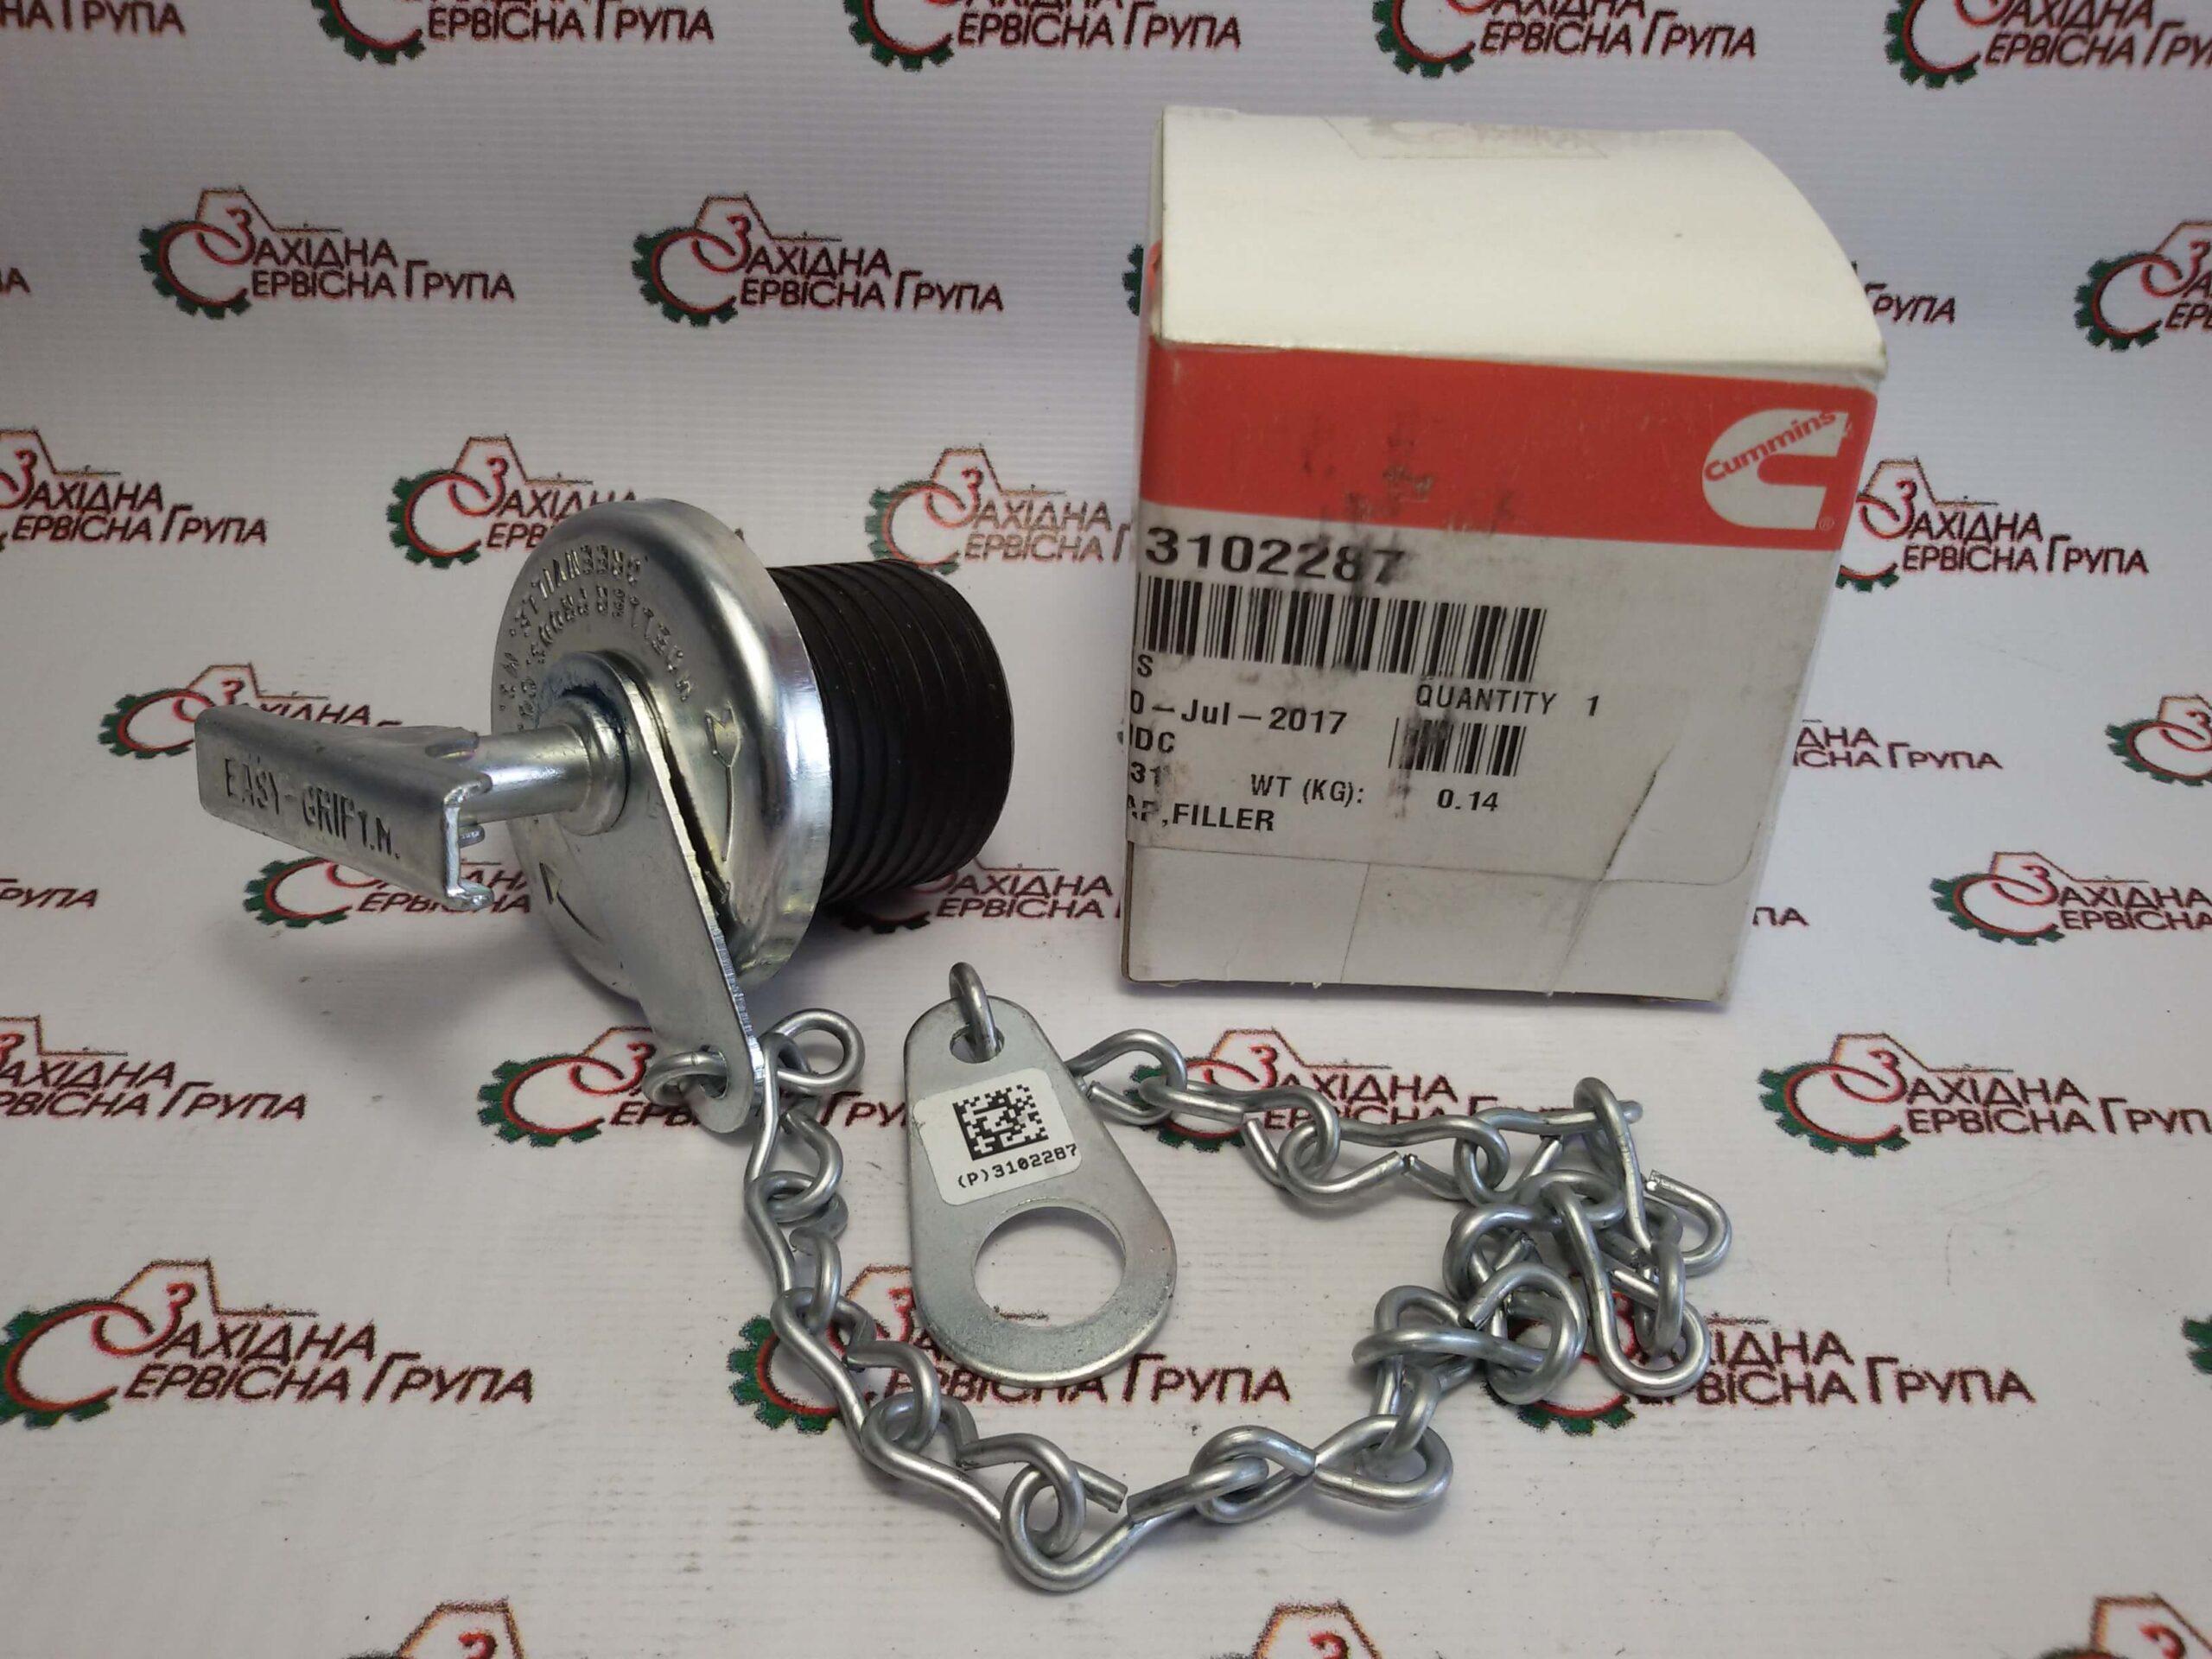 Крышка маслозаливной горловины двигателя Cummins ISX15, QSX15, 3102287.